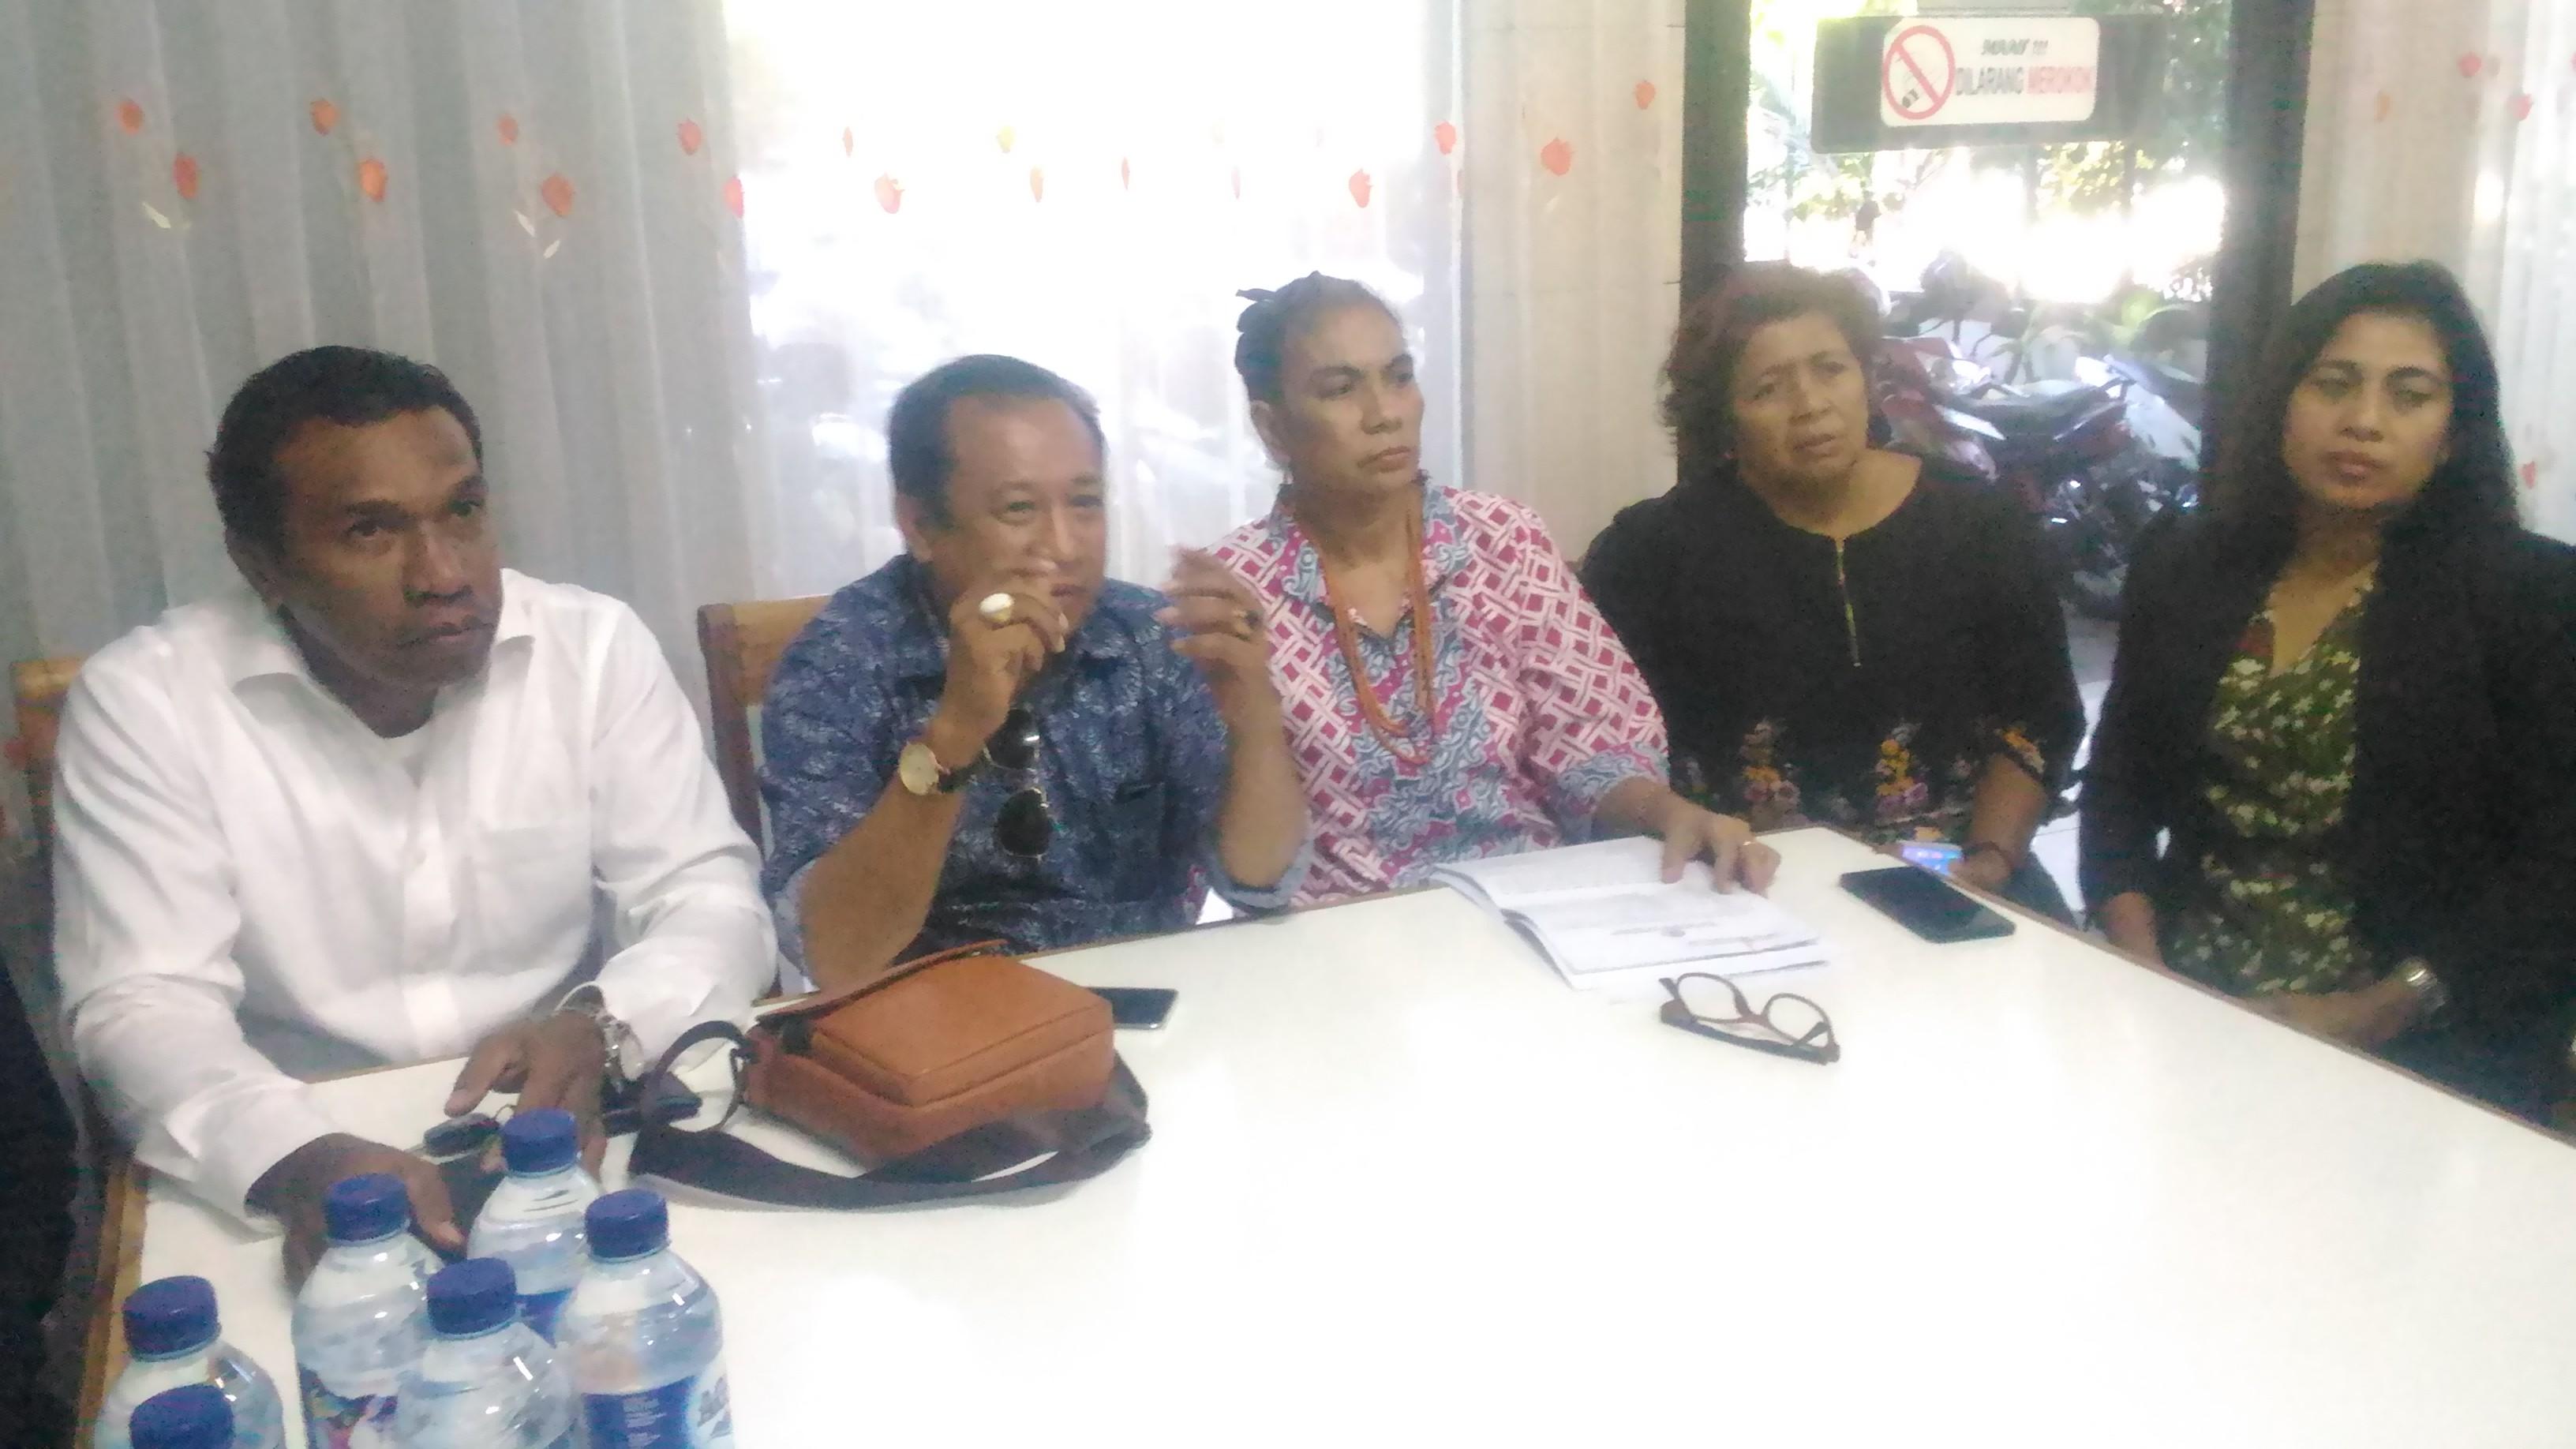 Kudji Herewila Cs Lapor Pengacara Alex Frans ke Polda NTT